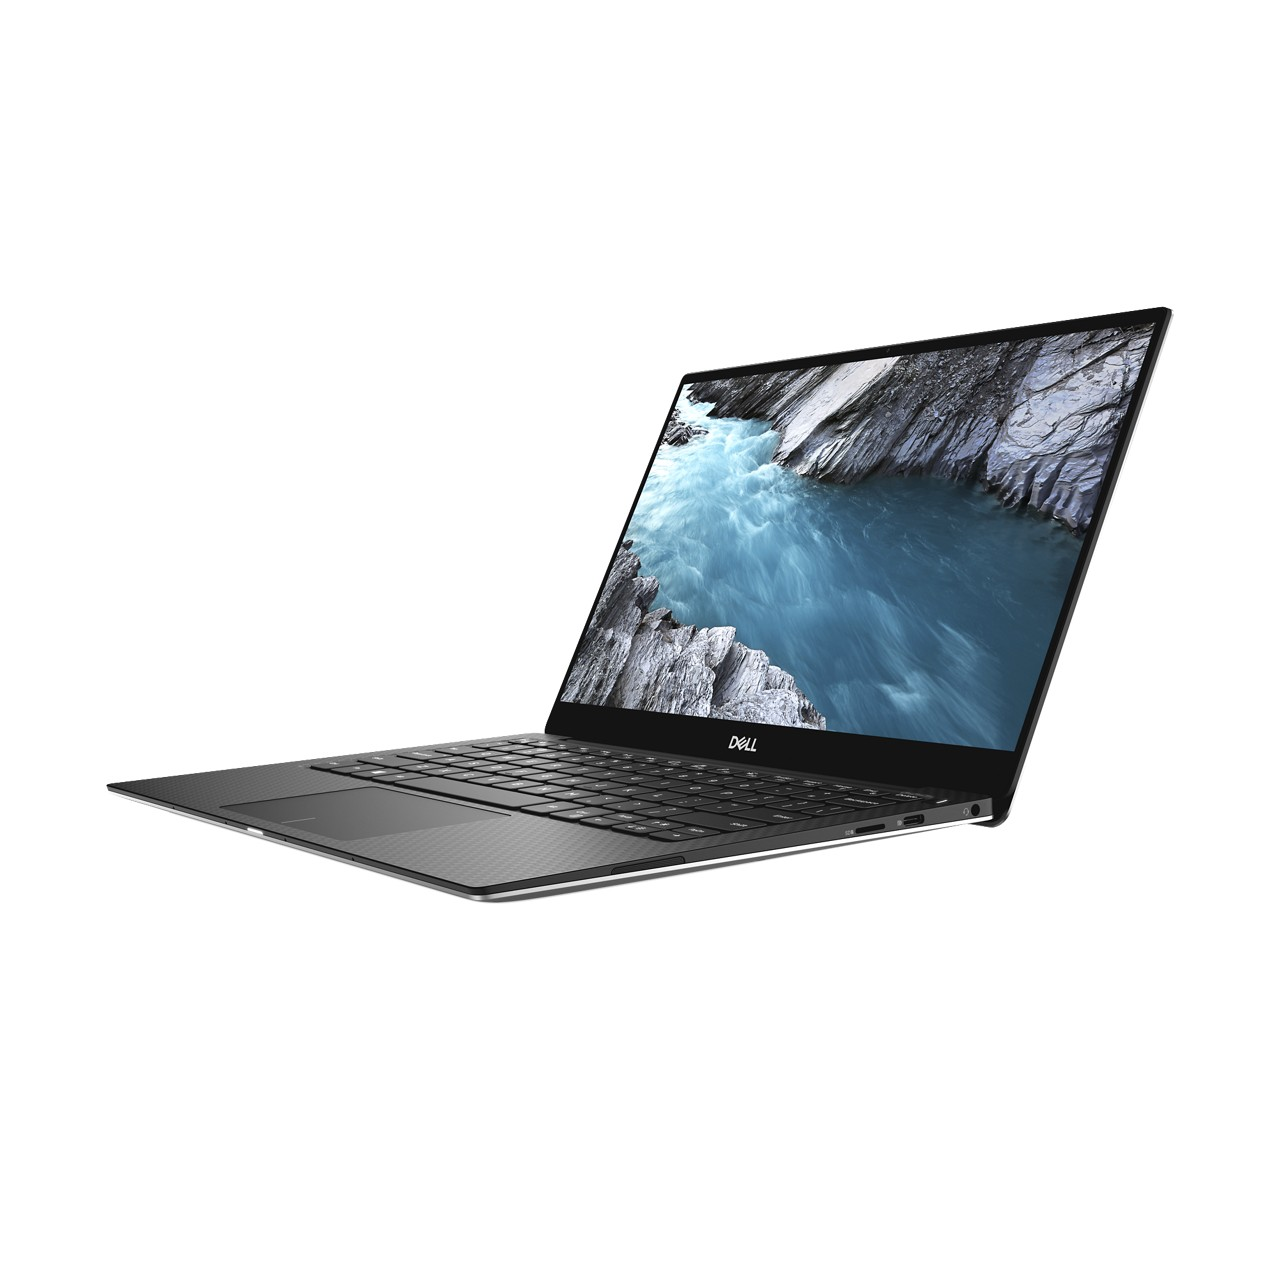 """Dell XPS 13 13.3"""" FHD Laptop ( i7-8565U / 8GB / 256GB SSD) + $10.48 Credit"""